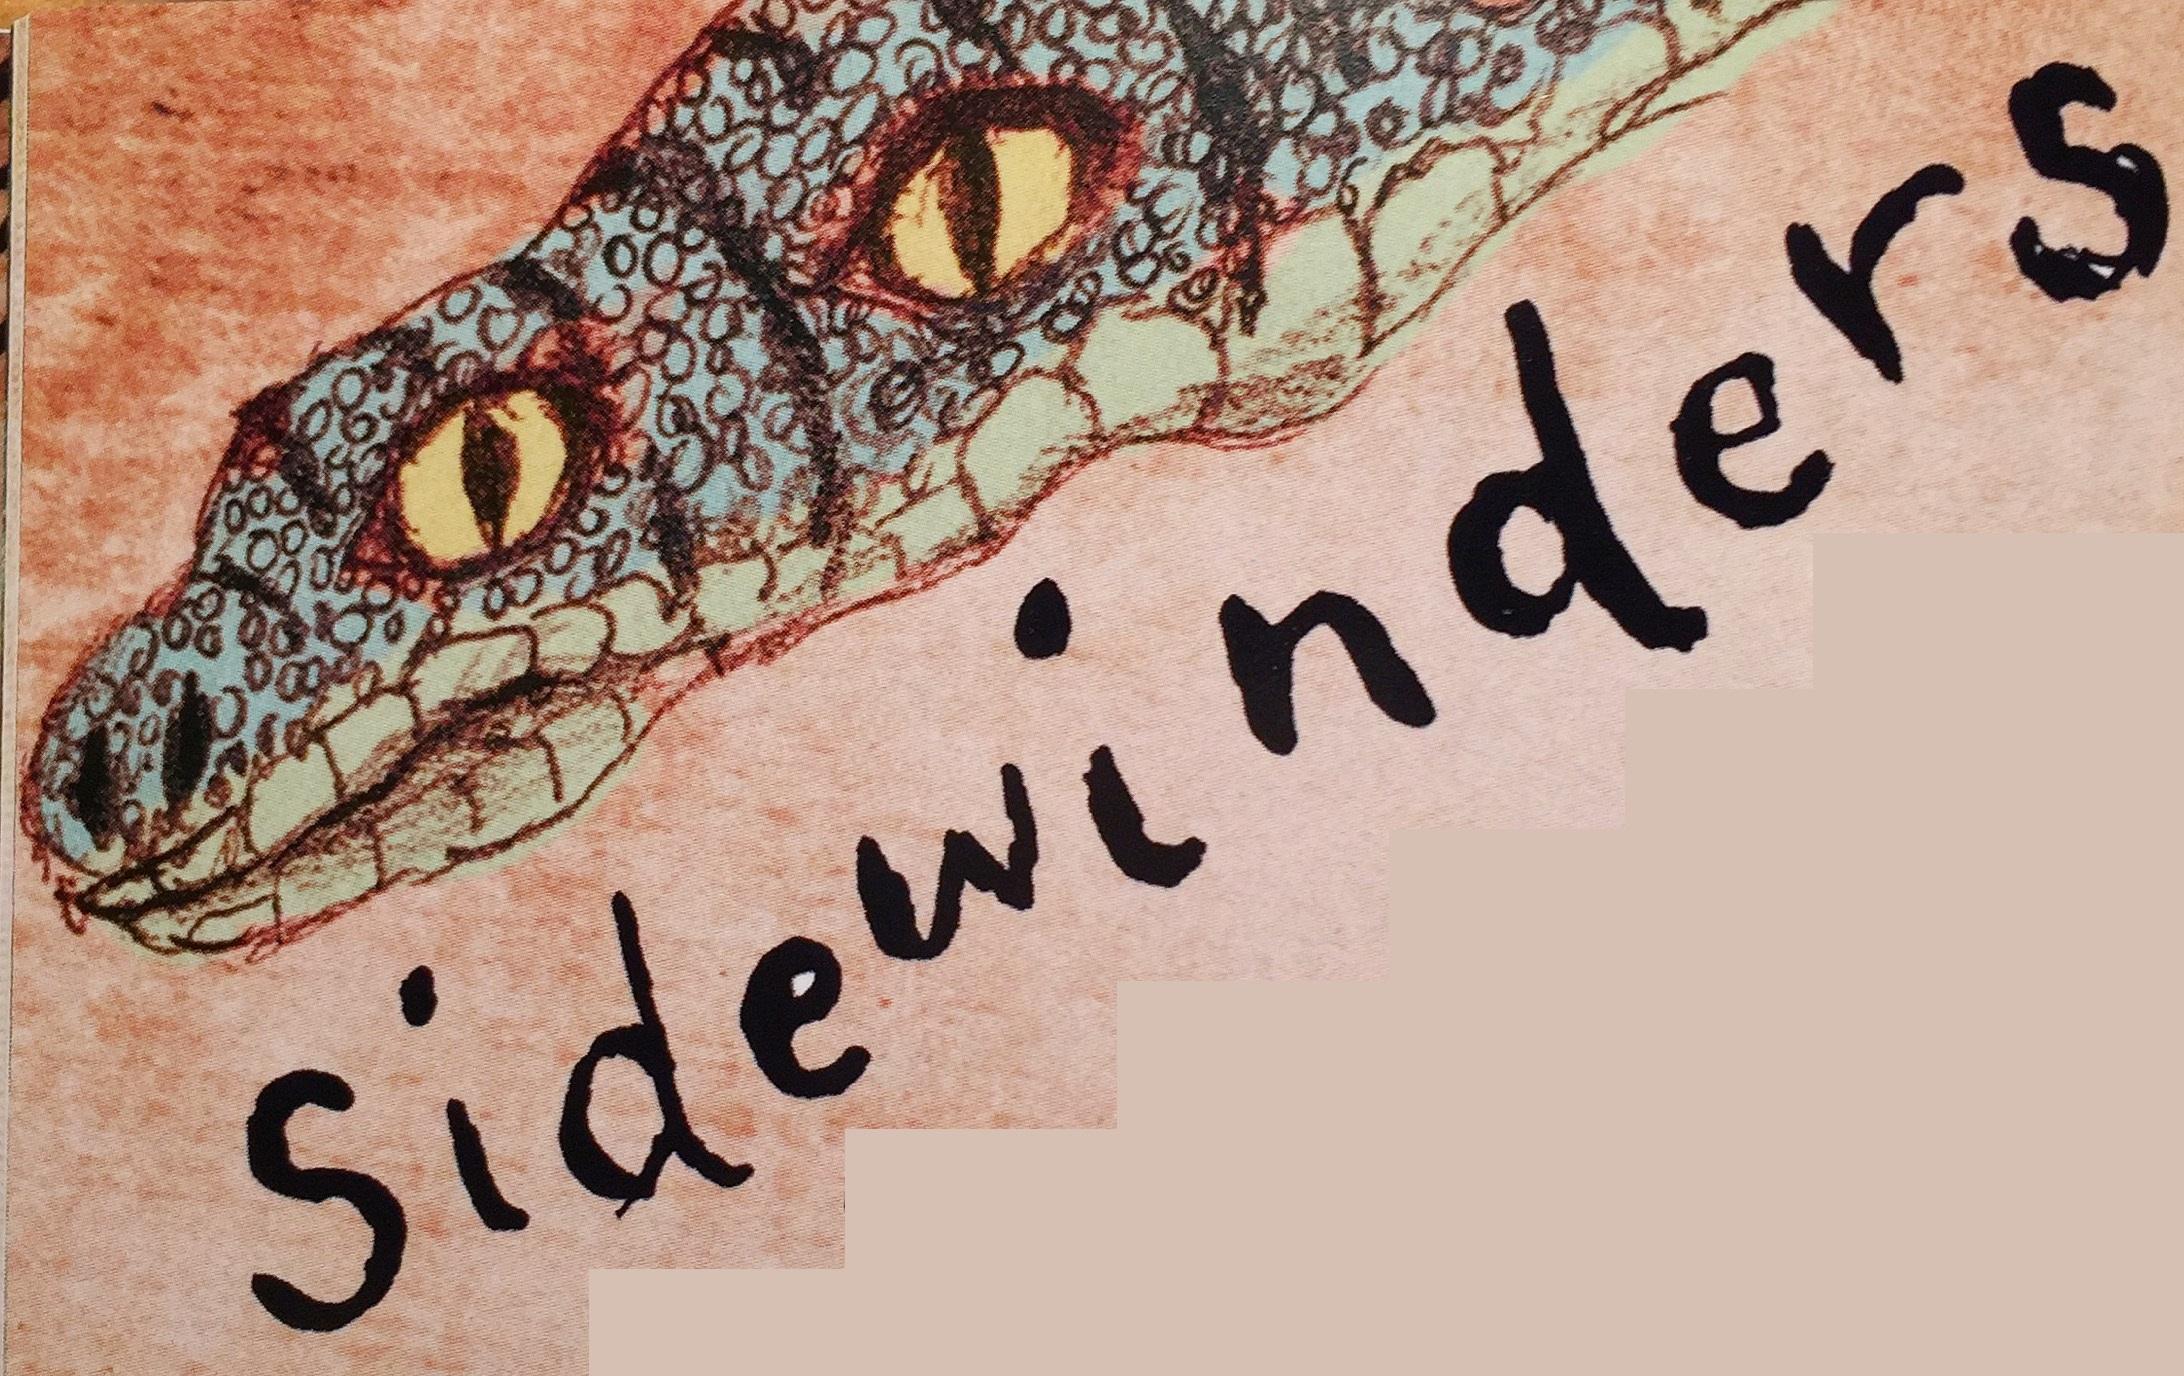 Sidewinder2